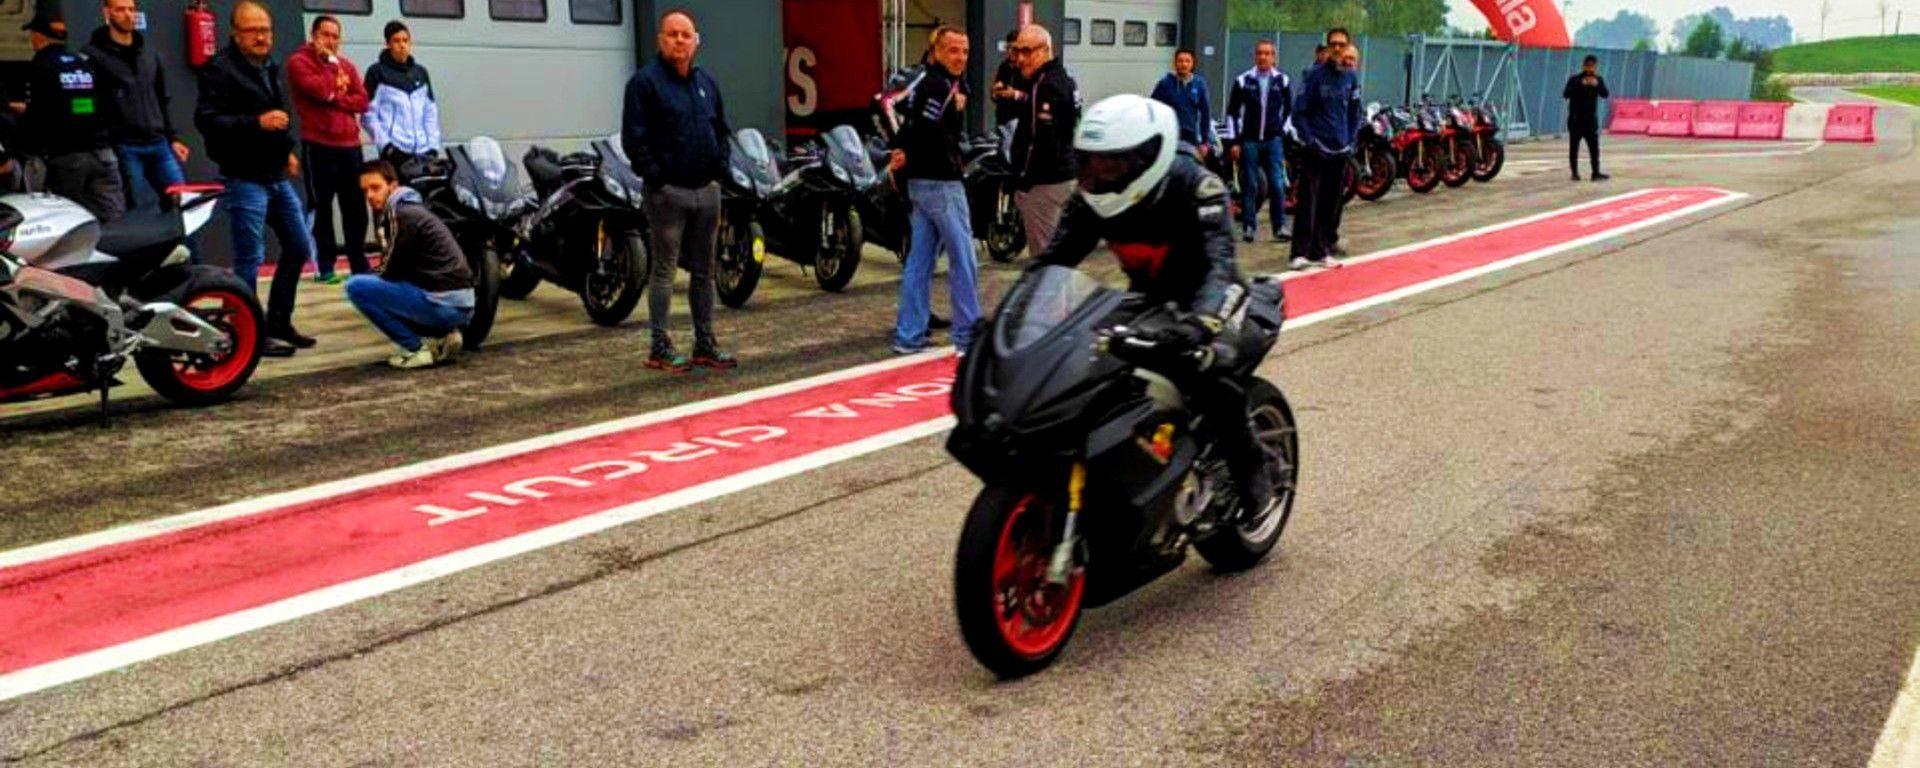 Aprilia RS 660: beccata in pista a Cremona